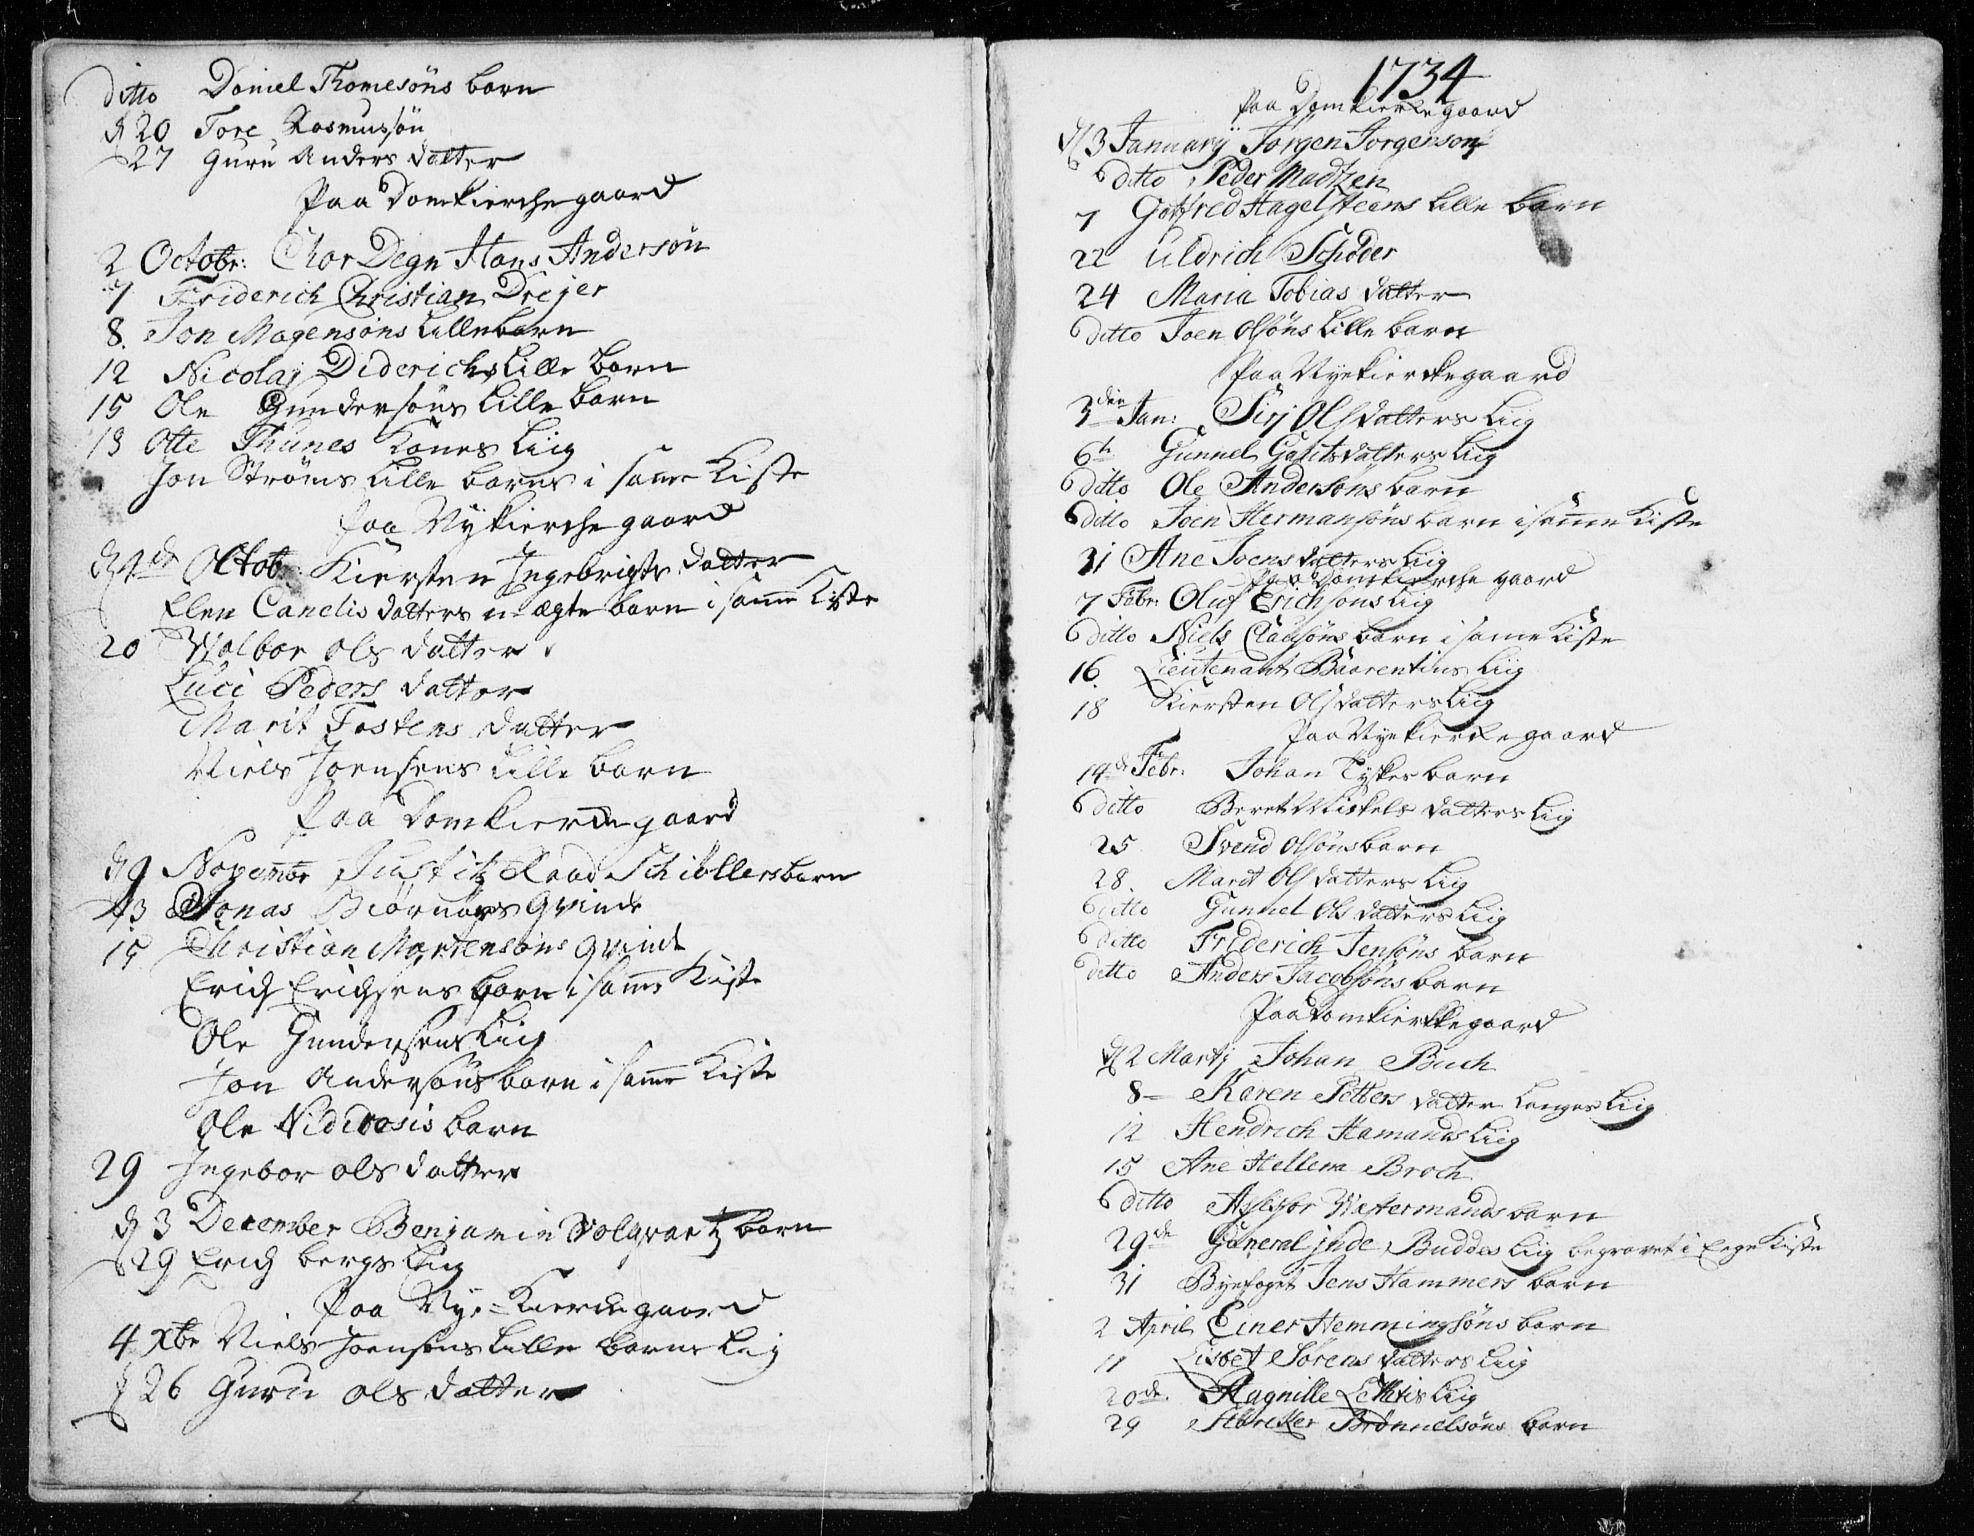 SAT, Ministerialprotokoller, klokkerbøker og fødselsregistre - Sør-Trøndelag, 601/L0037: Ministerialbok nr. 601A05, 1729-1761, s. 8